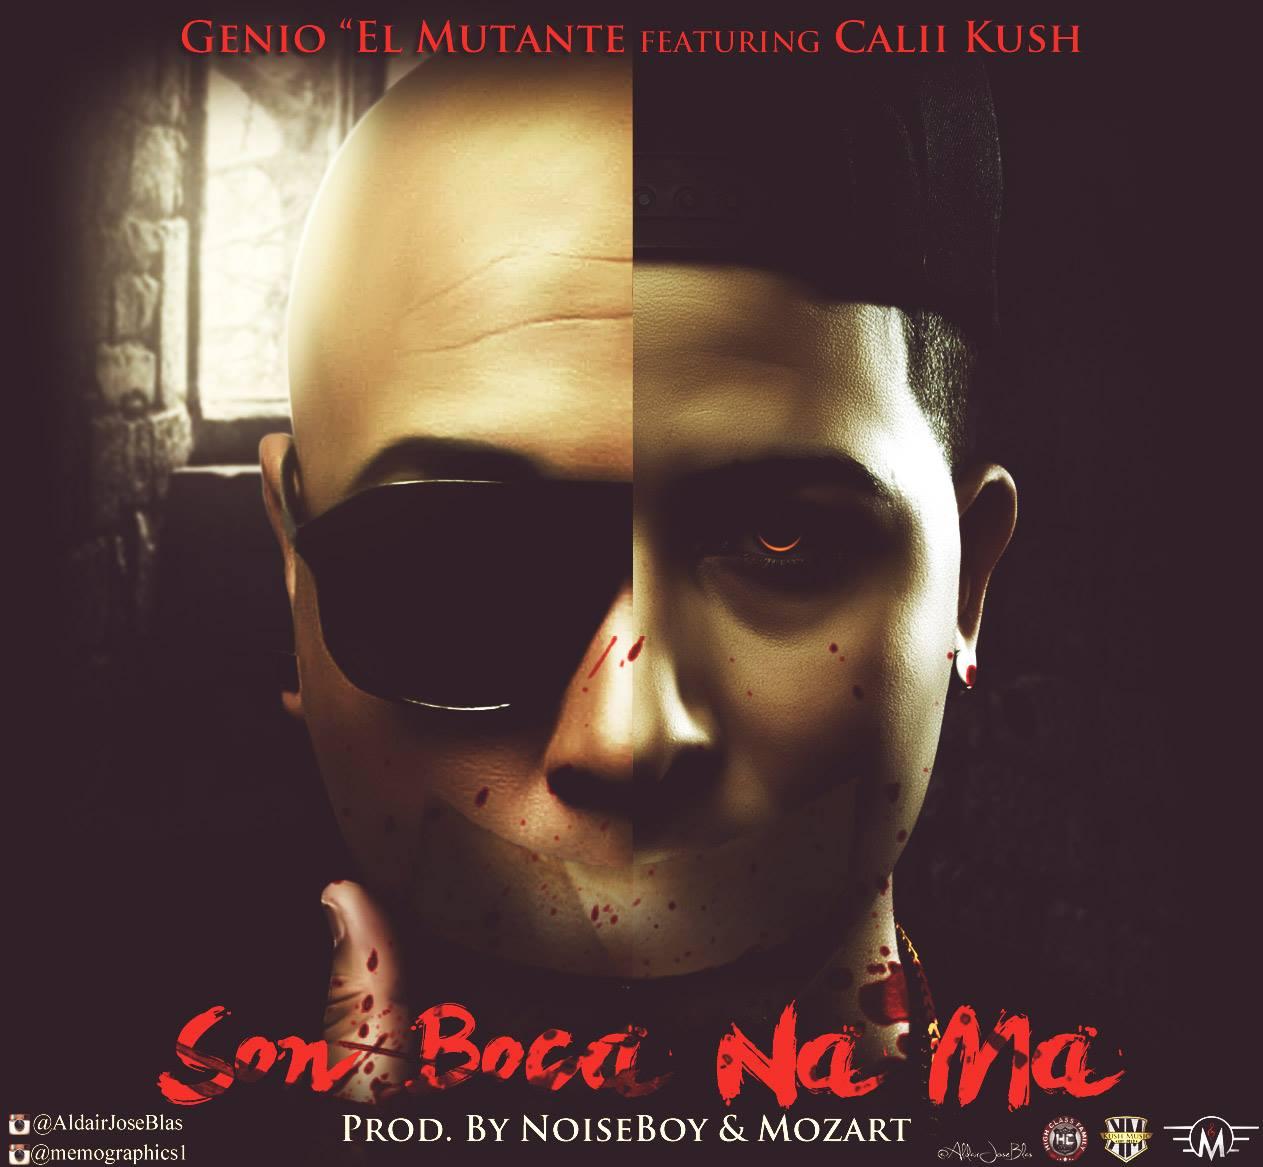 Genio El Mutante Ft. Calii Kush – Son Boca Na Ma (Prod. By NoiseBoy & Mozart)